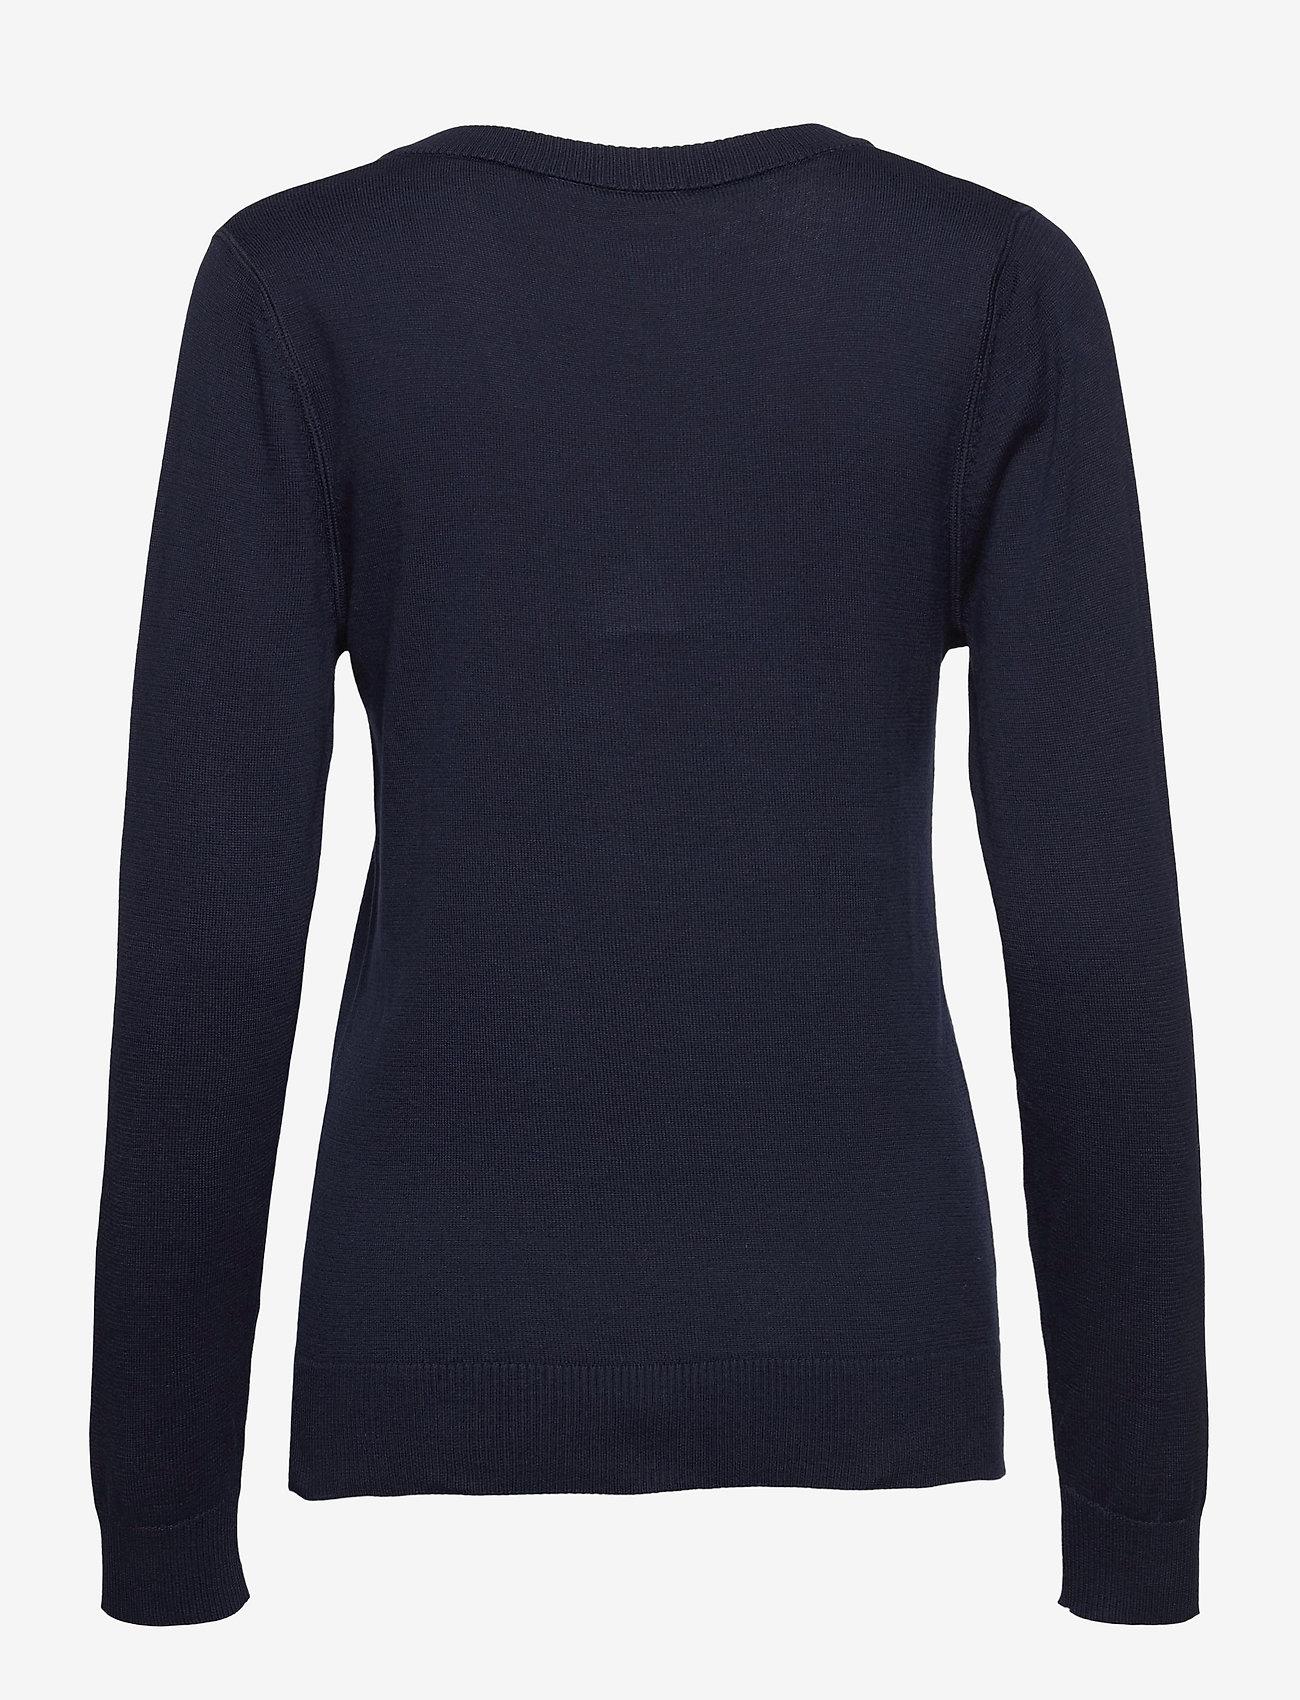 Lacoste - Women s sweater - gebreid - navy blue - 1